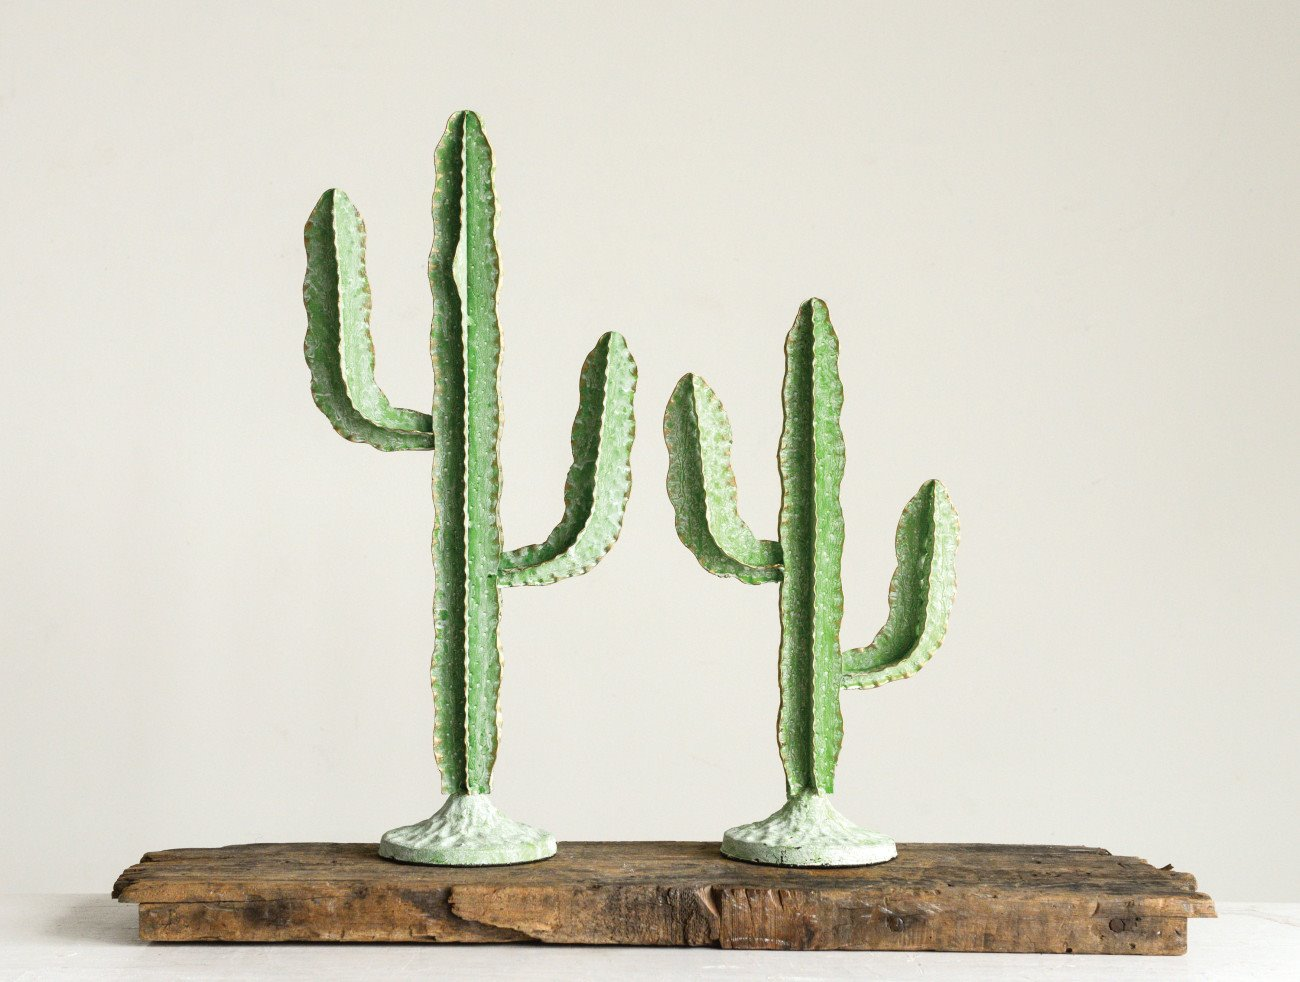 Green Metal Cactus